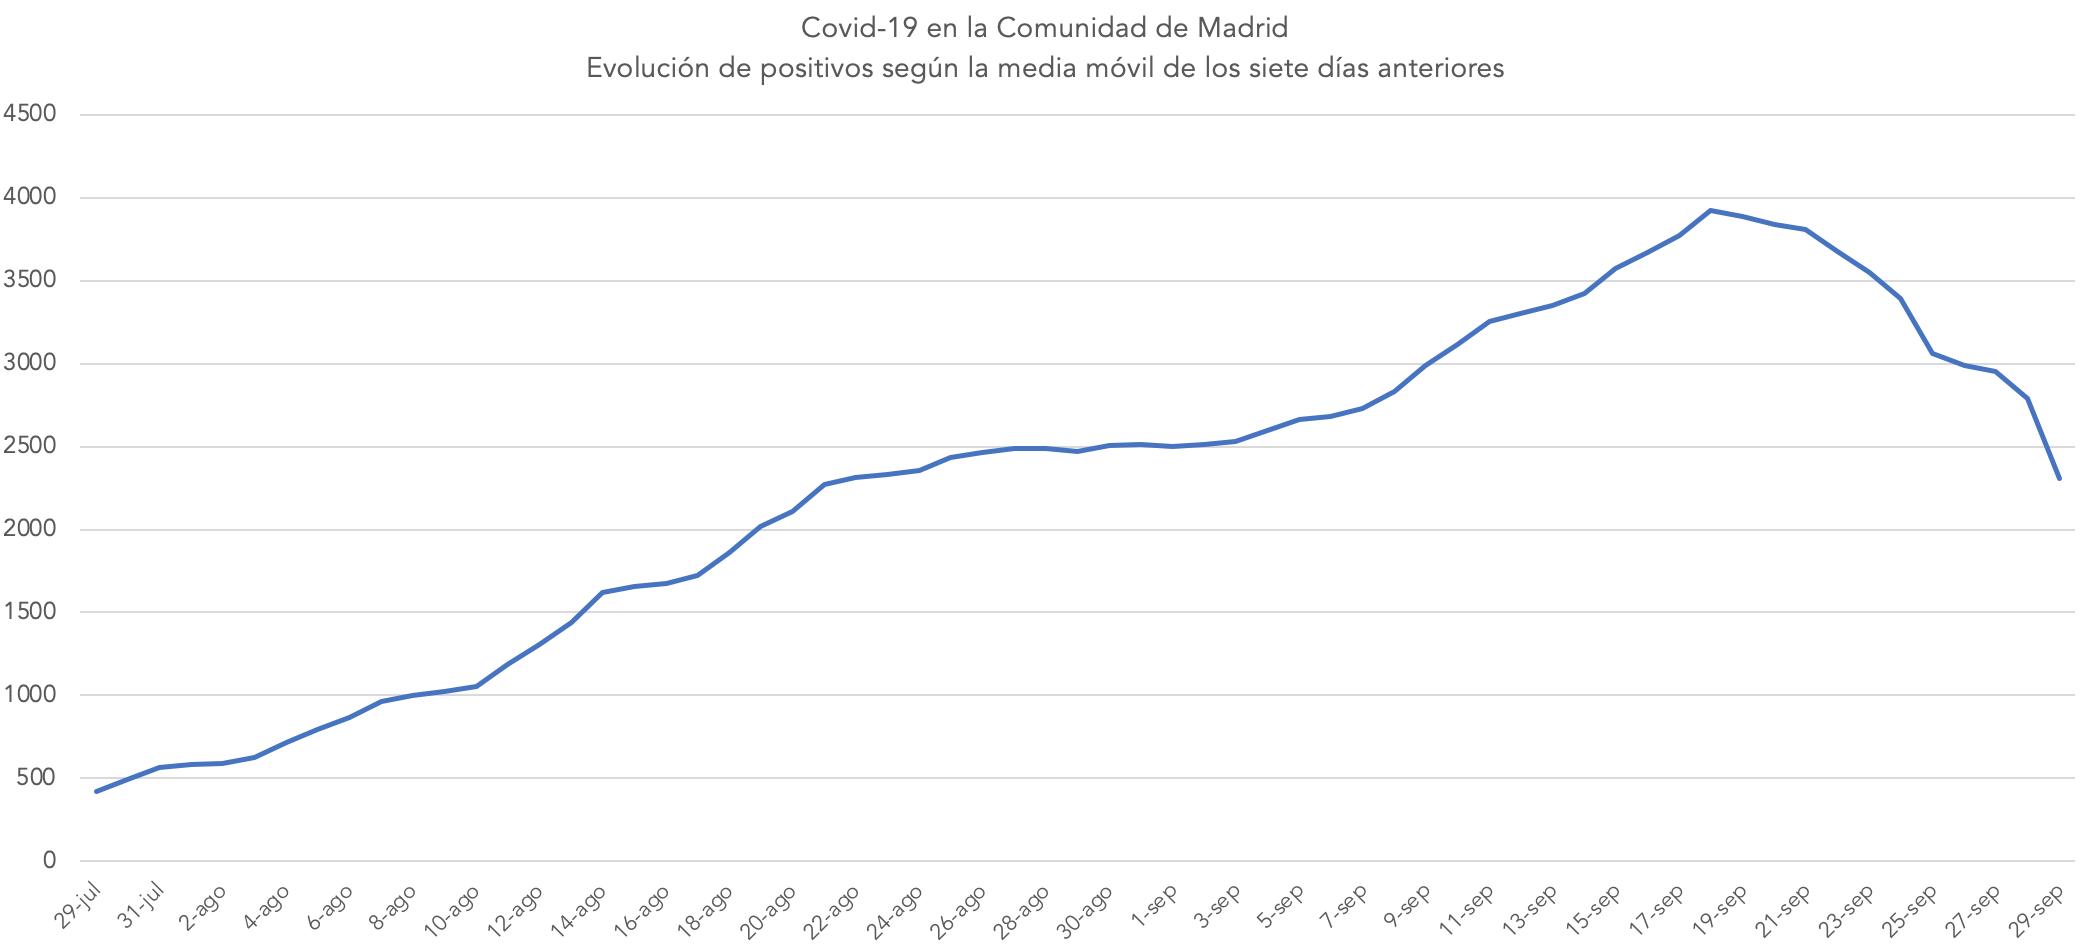 madrid-segunda-ola-covid-19-datos-mejoran2.png